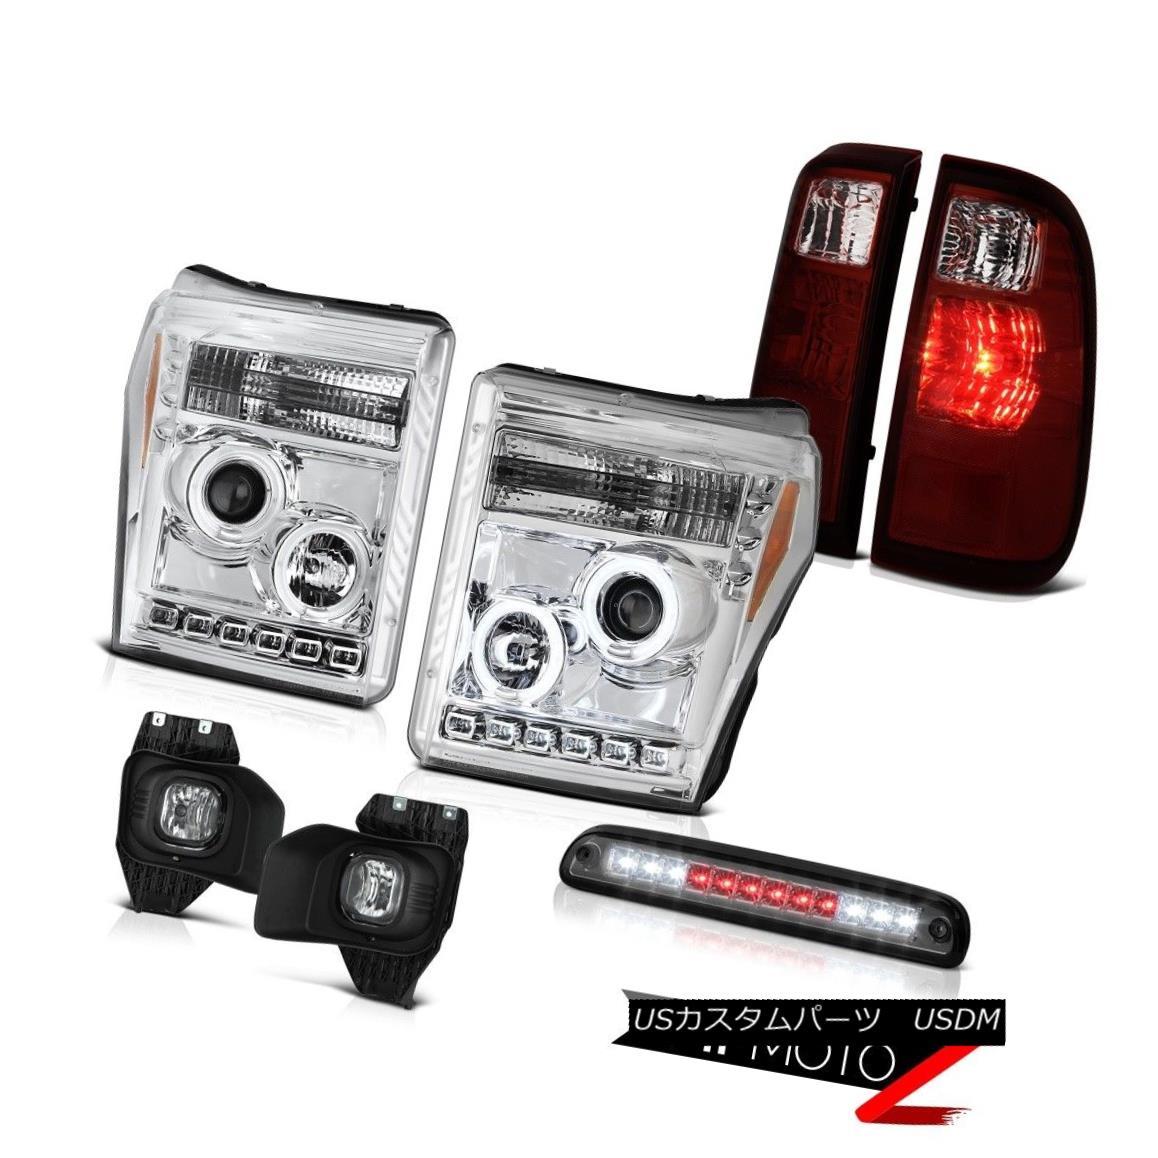 テールライト 2011-2016 F350 6.2L Smokey Roof Cab Light Fog Lights Red Rear Brake Headlamps 2011-2016 F350 6.2Lスモーキールーフキャブライトフォグライトレッドリアブレーキヘッドランプ